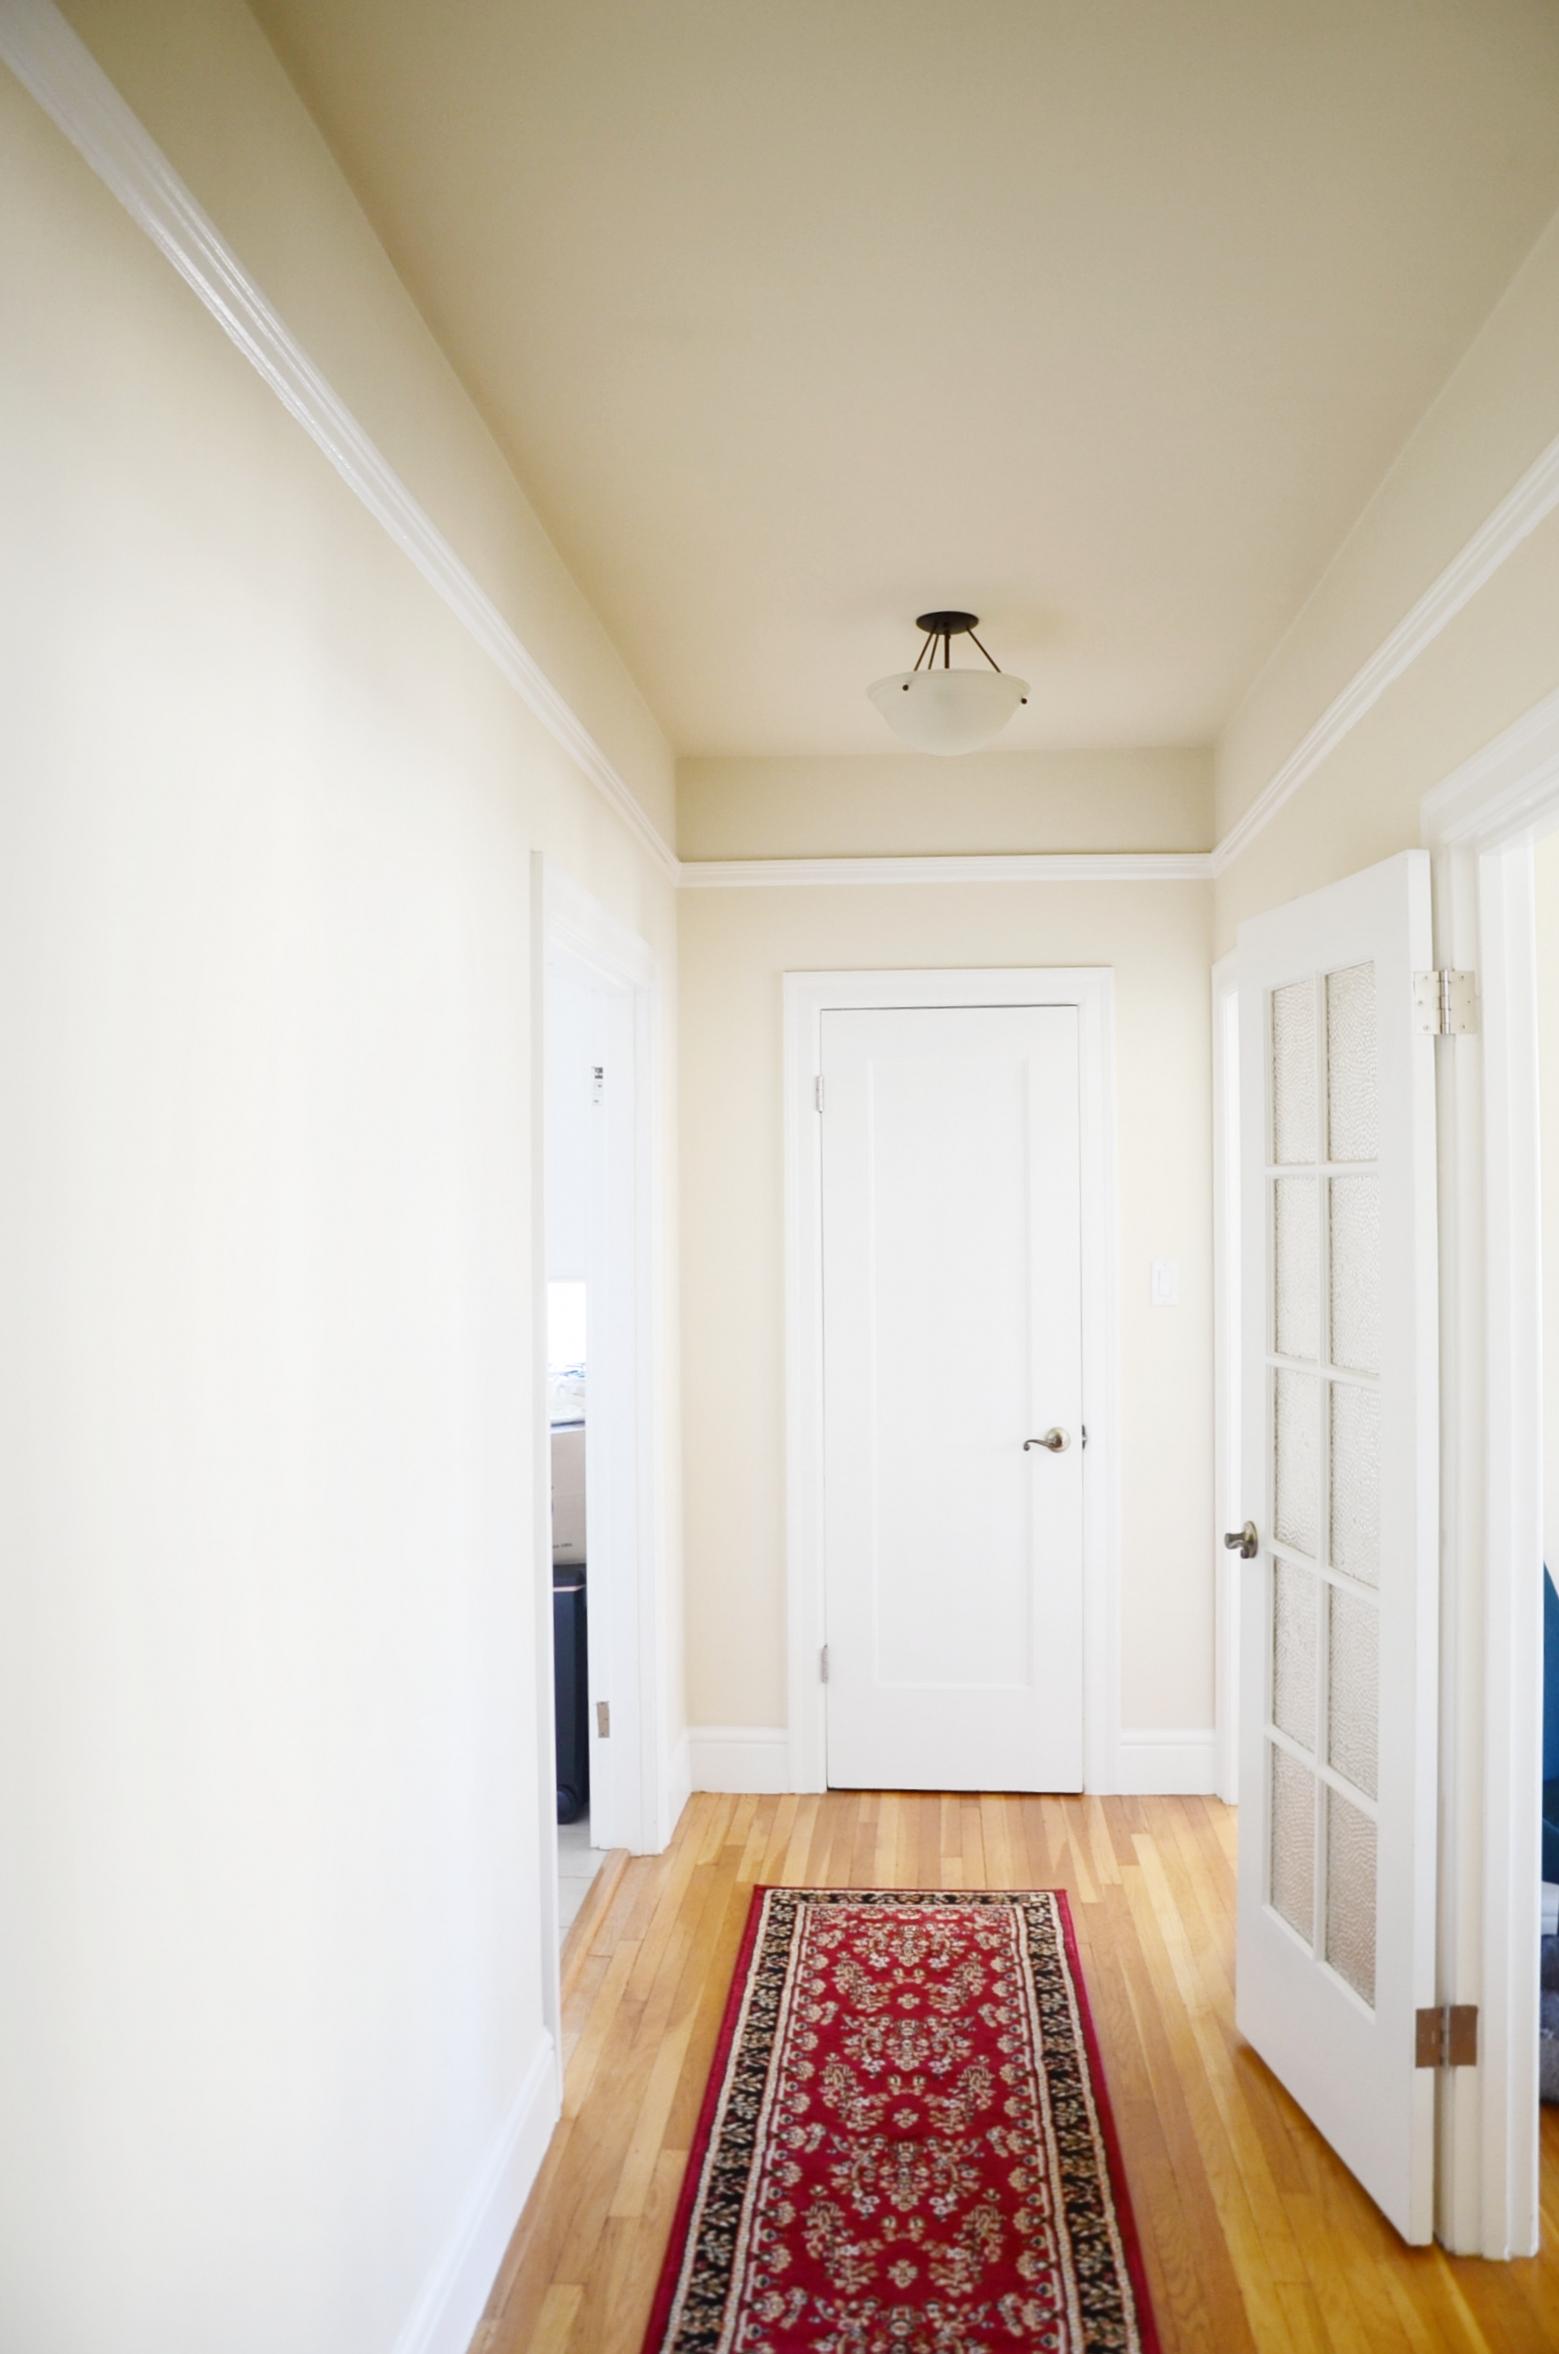 Hallway views